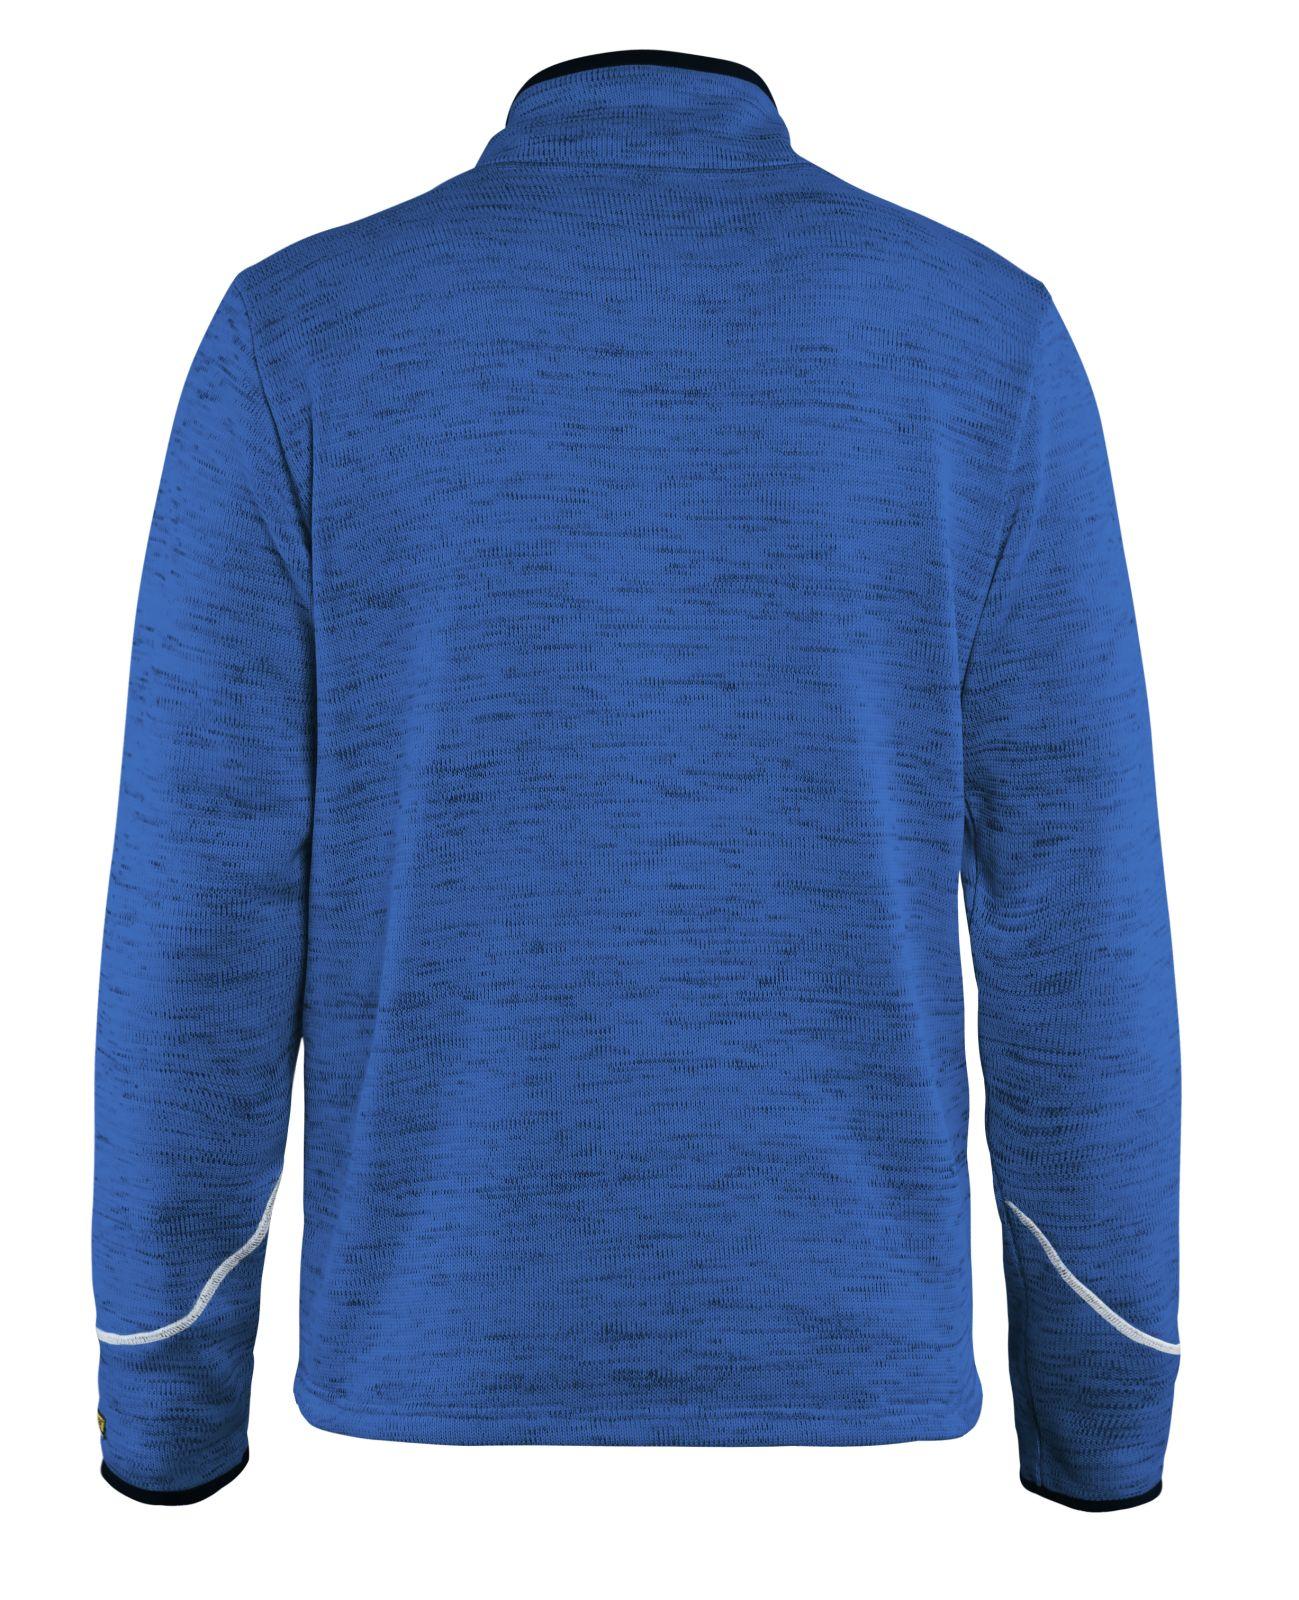 Blaklader Truien 49432117 korenblauw-wit(8510)